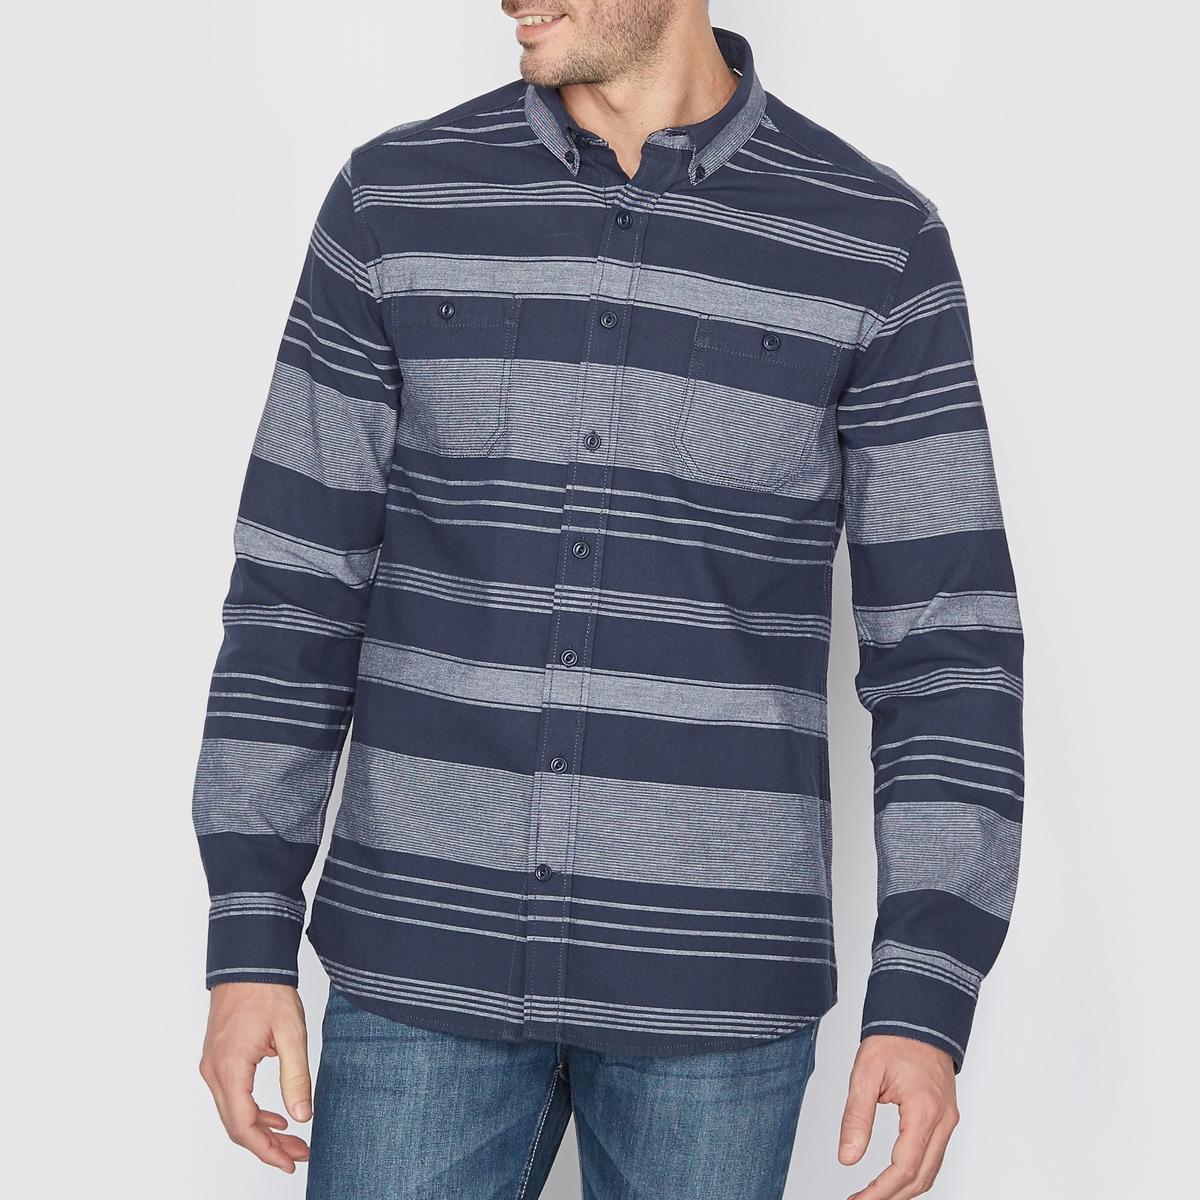 Рубашка в полоскуСостав и описание Материал : 100% хлопкаДлина : 77,5 смМарка : SOFT GREY.УходМашинная стирка при 30°C<br><br>Цвет: темно-синий в полоску<br>Размер: 47/48